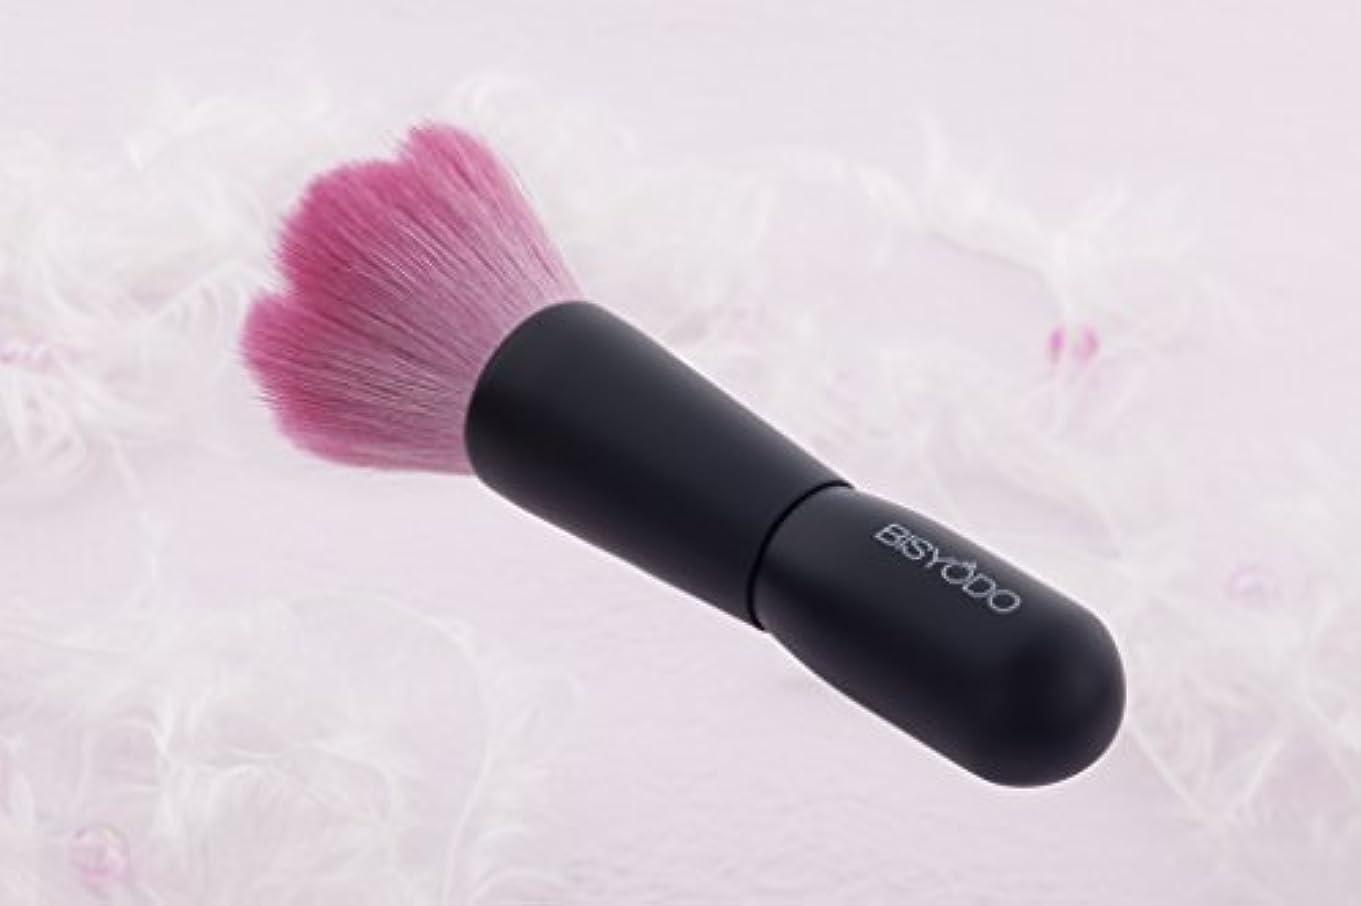 ベイビーグローブ資格化粧ブラシ パウダーチークブラシ 日本製